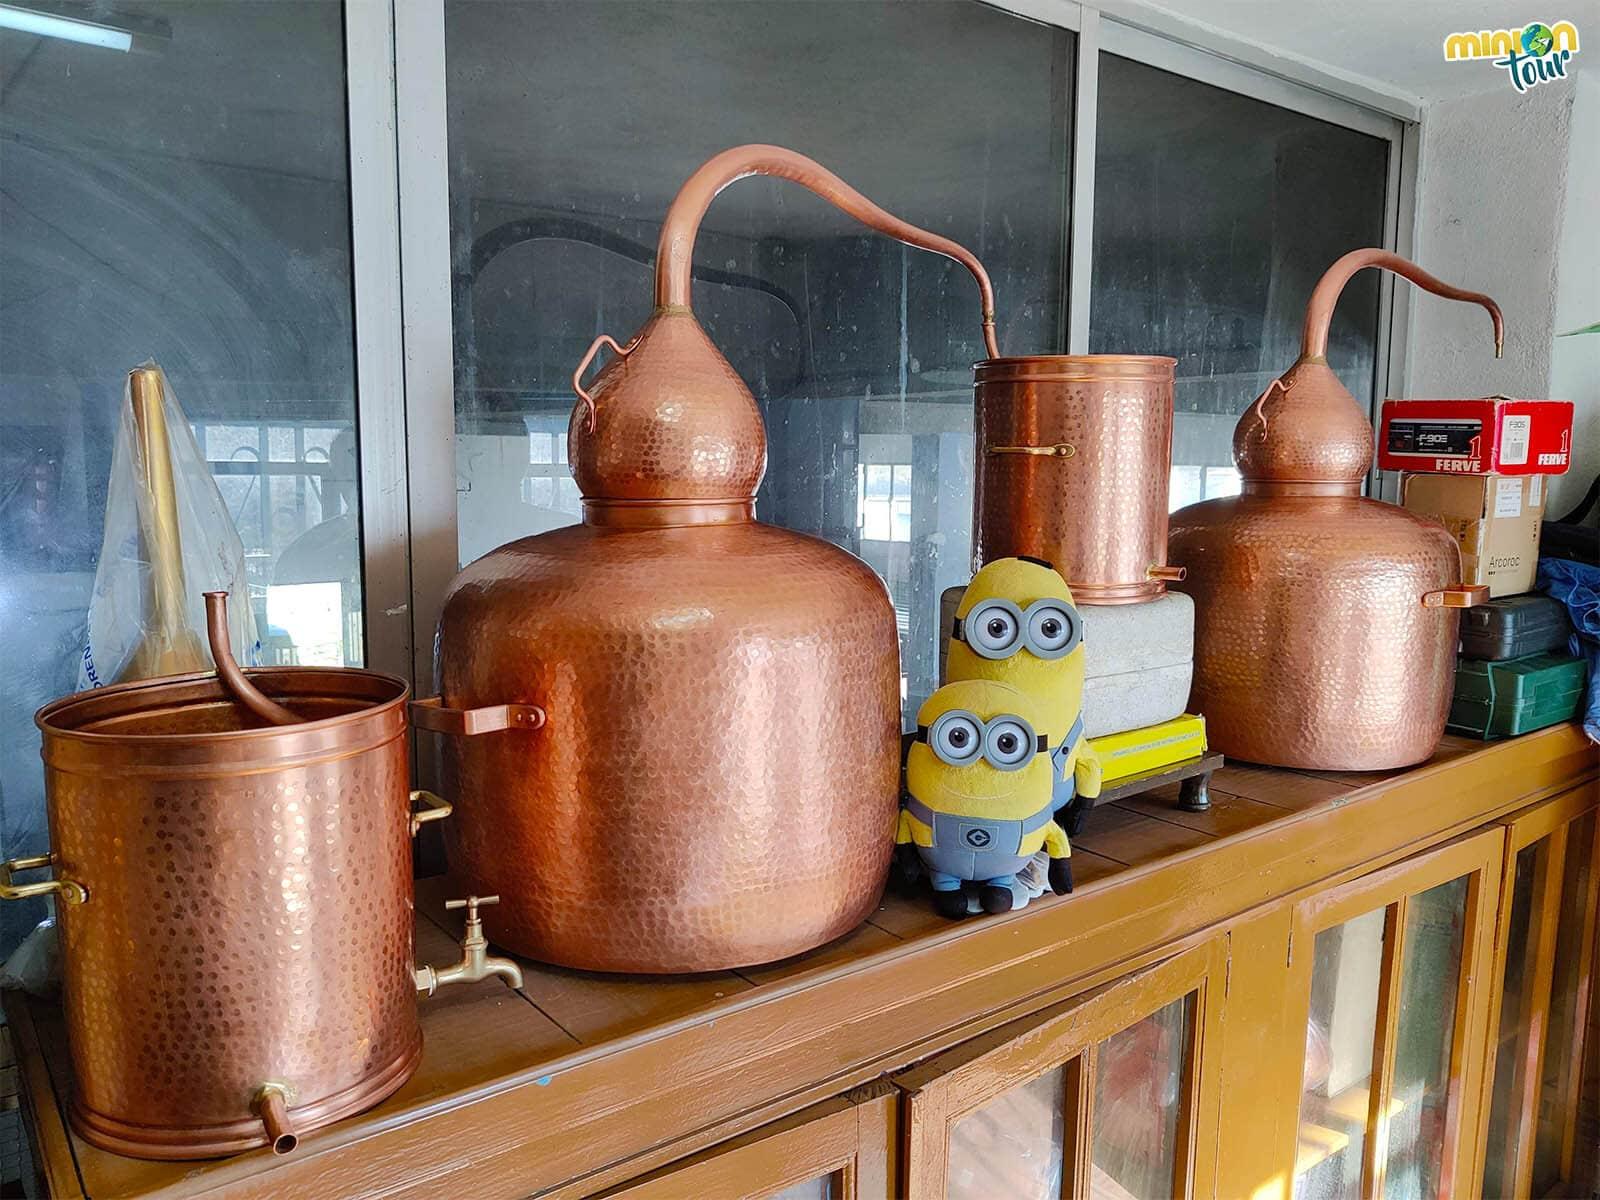 Minions en el Taller de Manolete en Os Peares